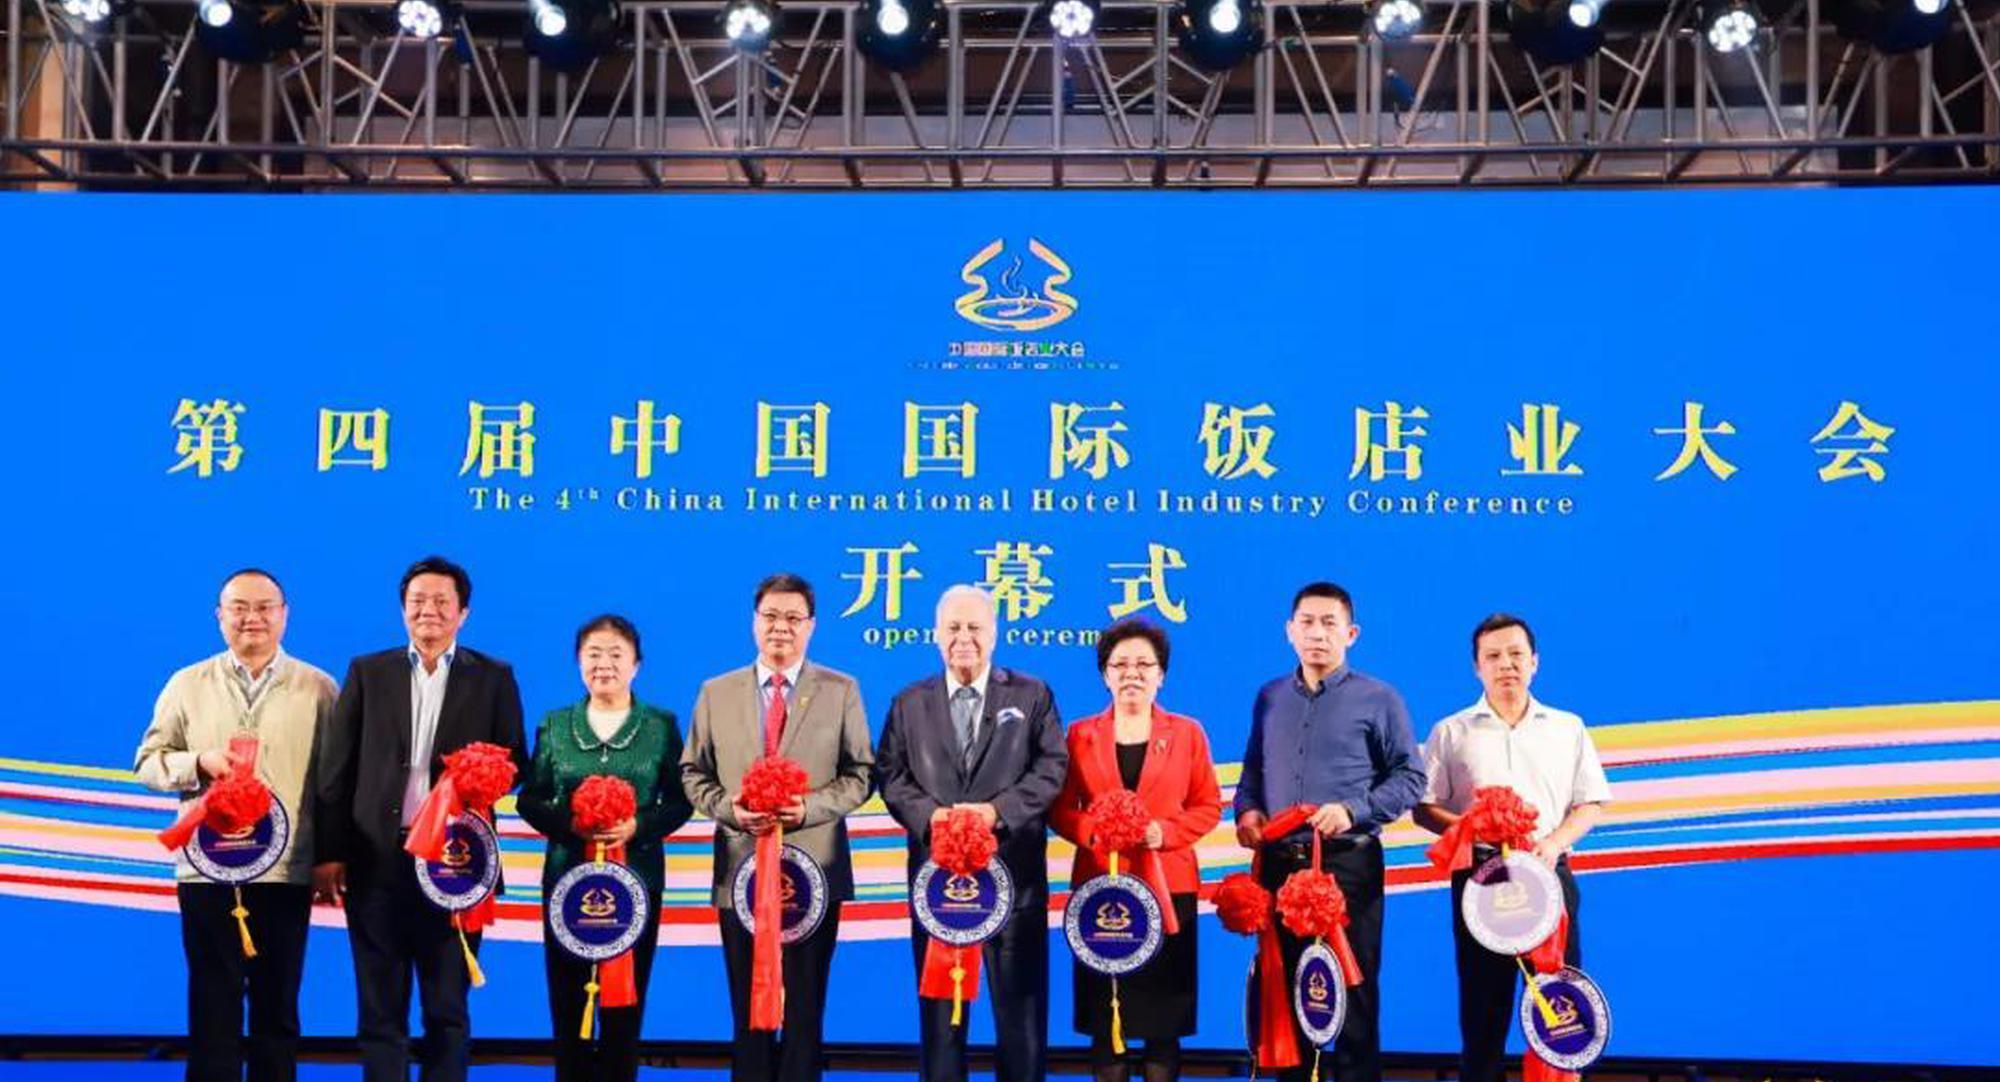 第五届中国国际饭店业大会11月底将于海口召开